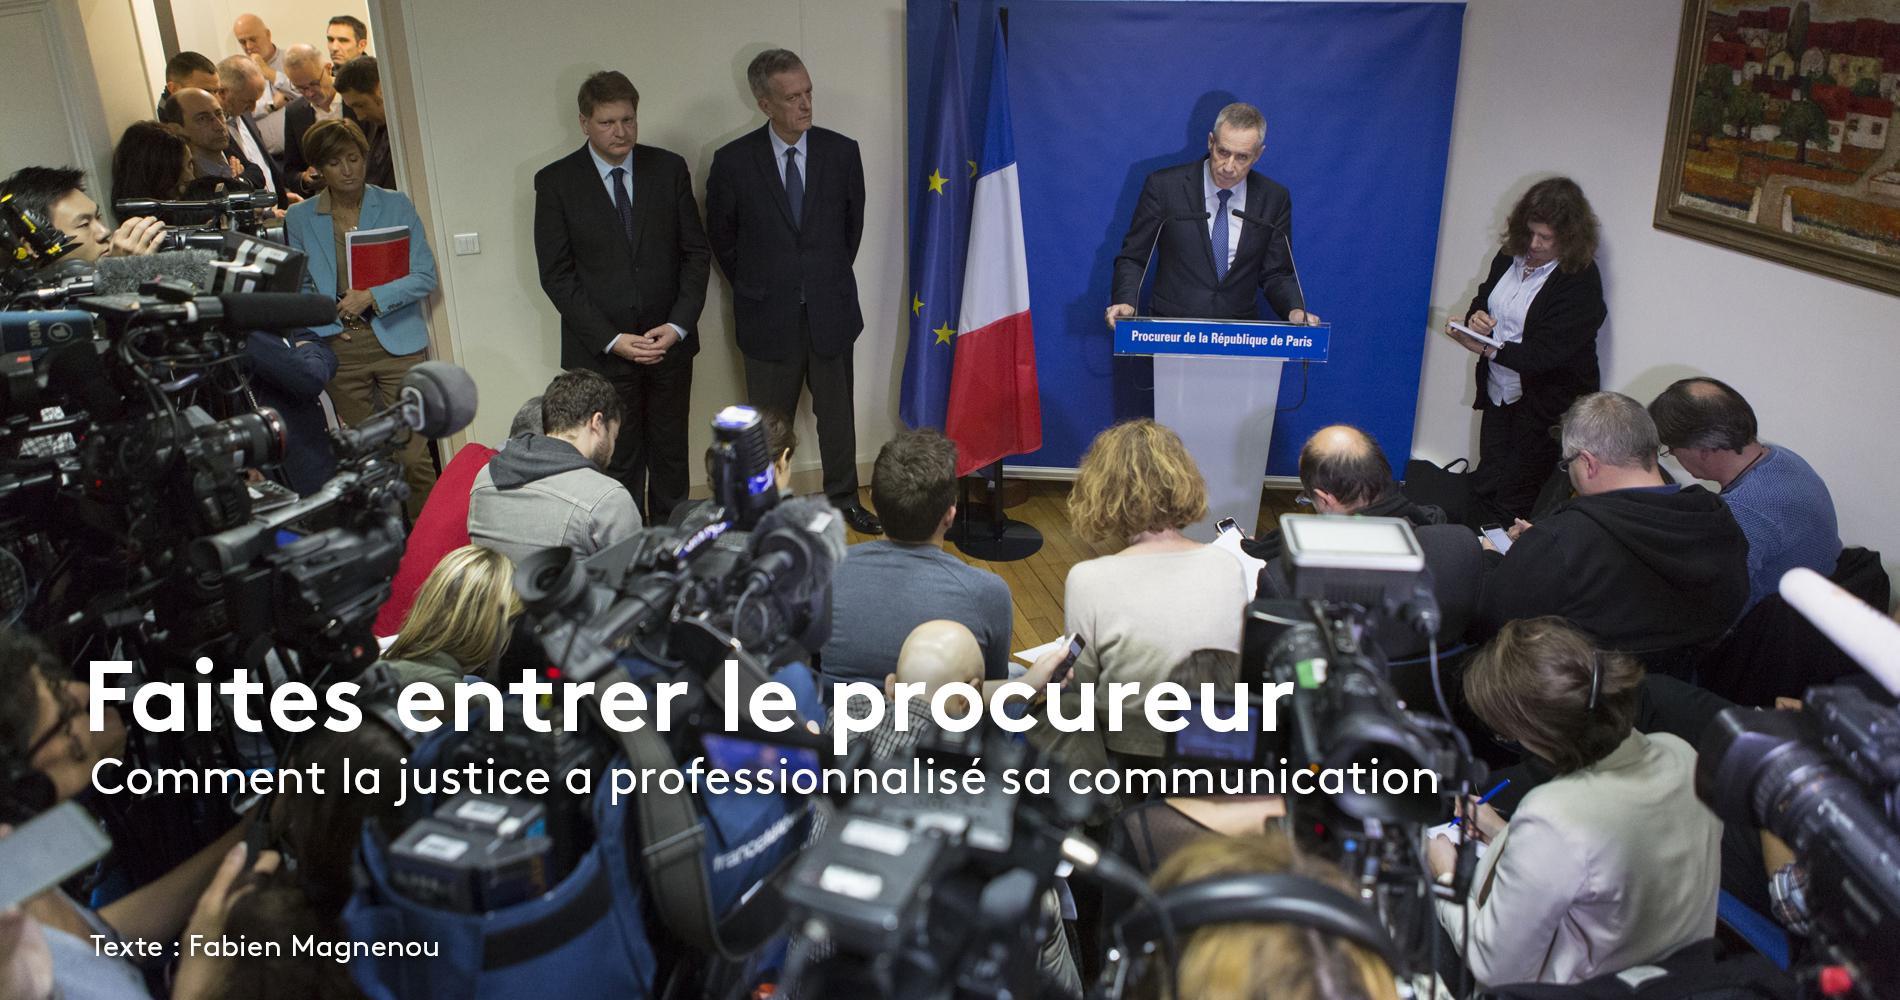 Le procureur de Paris François Molins lors d\'une conférence de presse au palais de justice, le 14 novembre 2015, au lendemain des attaques commises à Paris et à Saint-Denis.